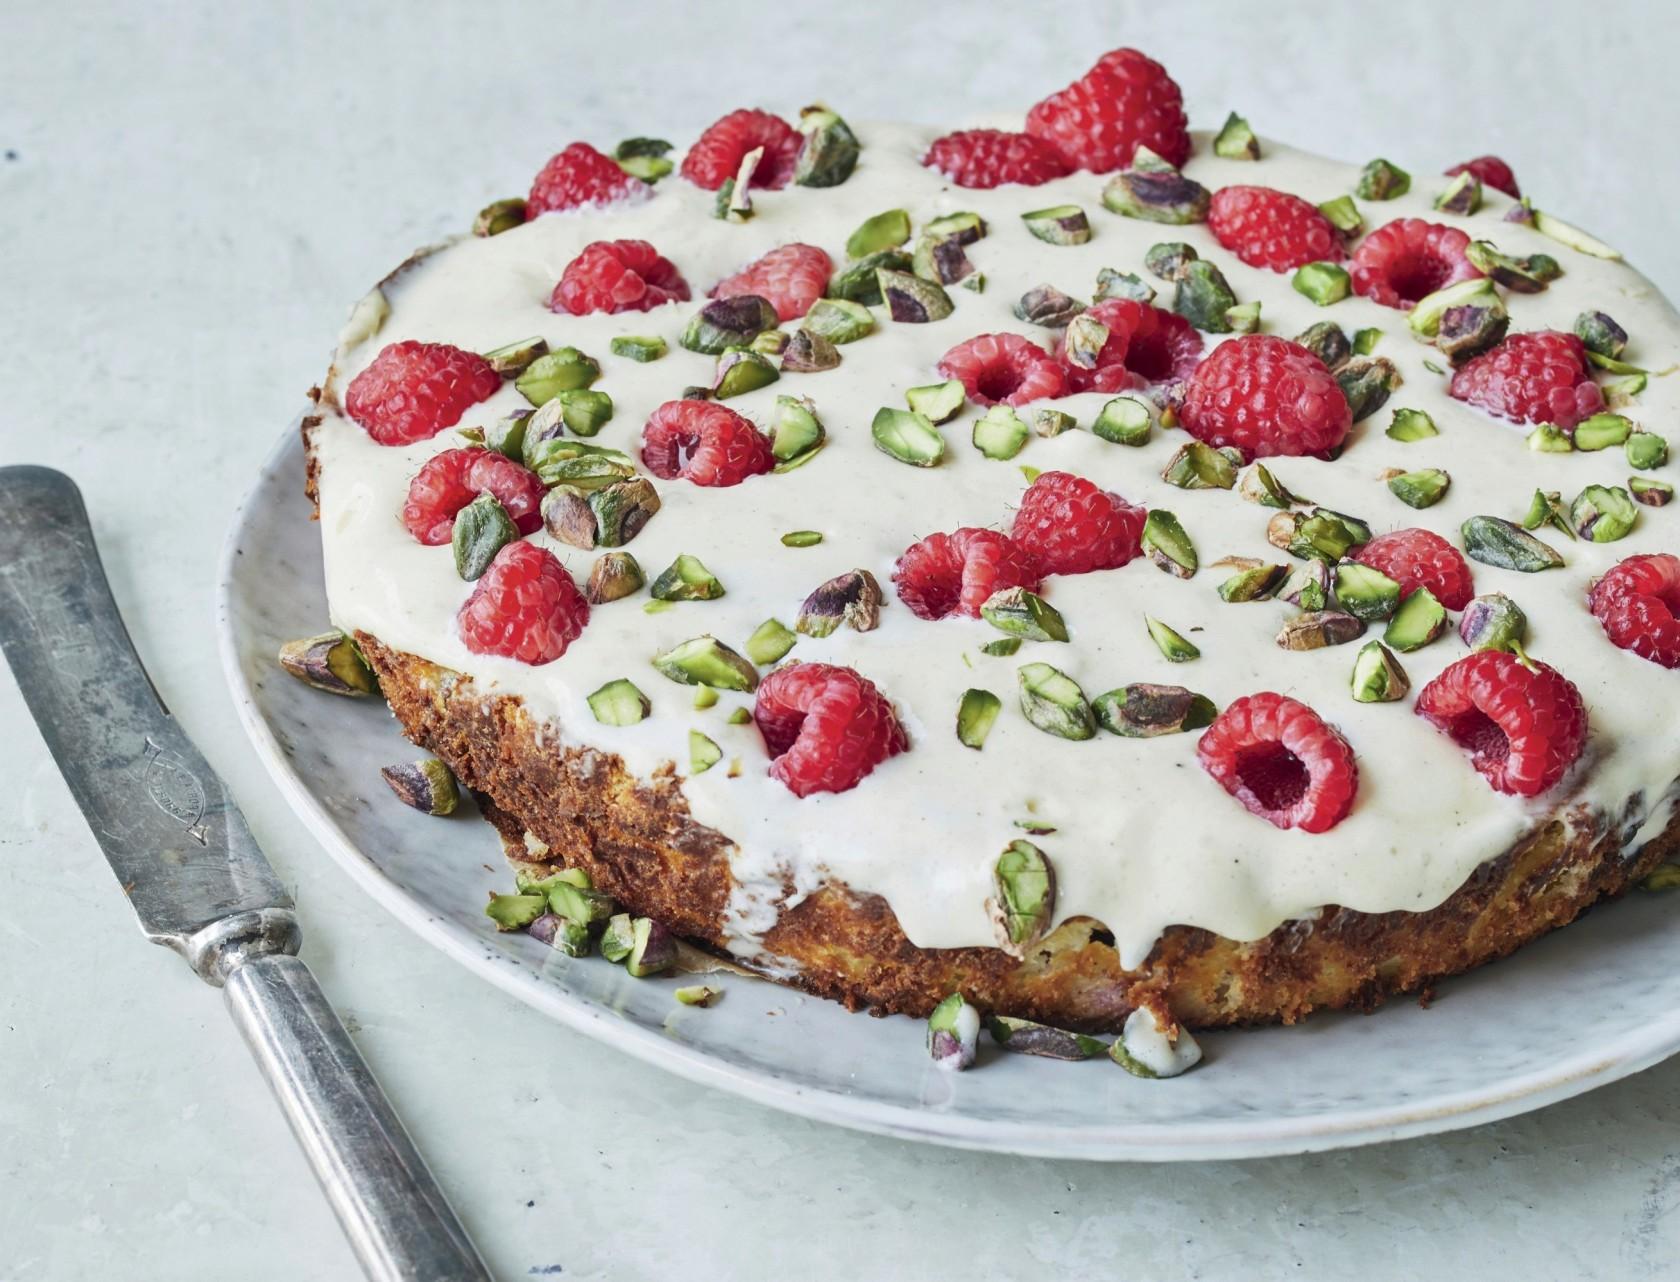 Gateau Marcel med hvid chokolade og hindbær - virkelig lækker opskrift!